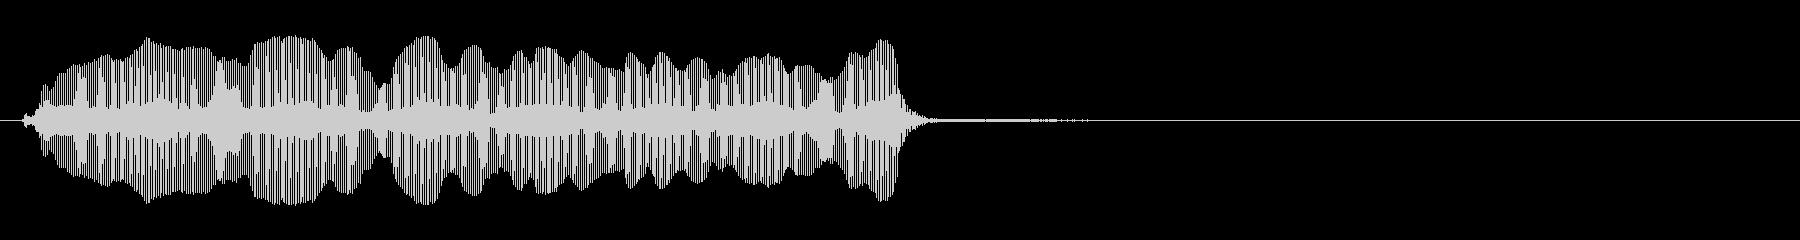 トロンボーン:めまいがする、非常に...の未再生の波形